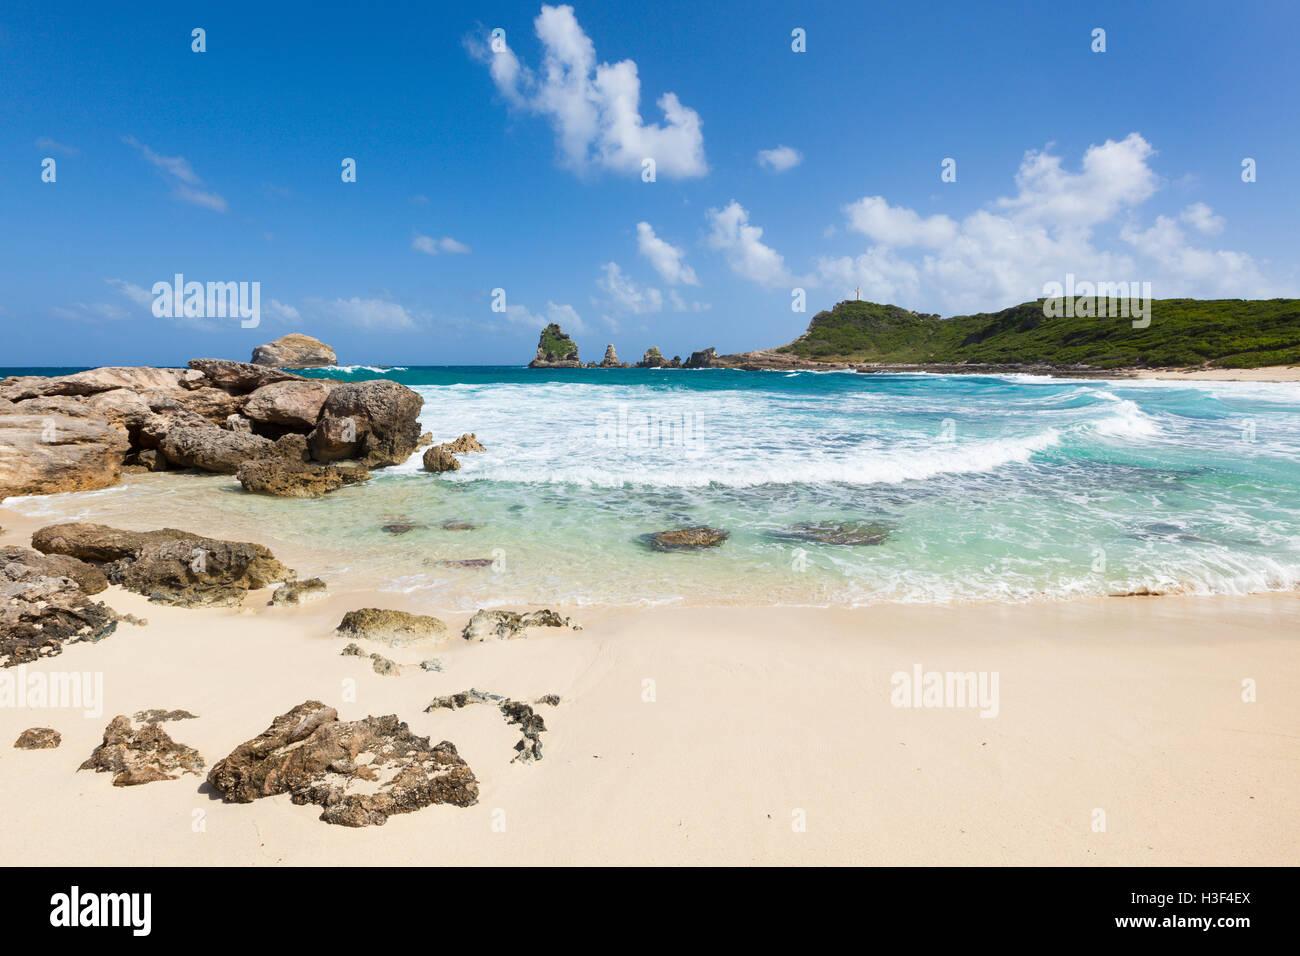 Plage de l'Anse des châteaux et les rochers de la Pointe des colibris, point le plus à l'Est de la Grande-Terre, Guadeloupe Banque D'Images